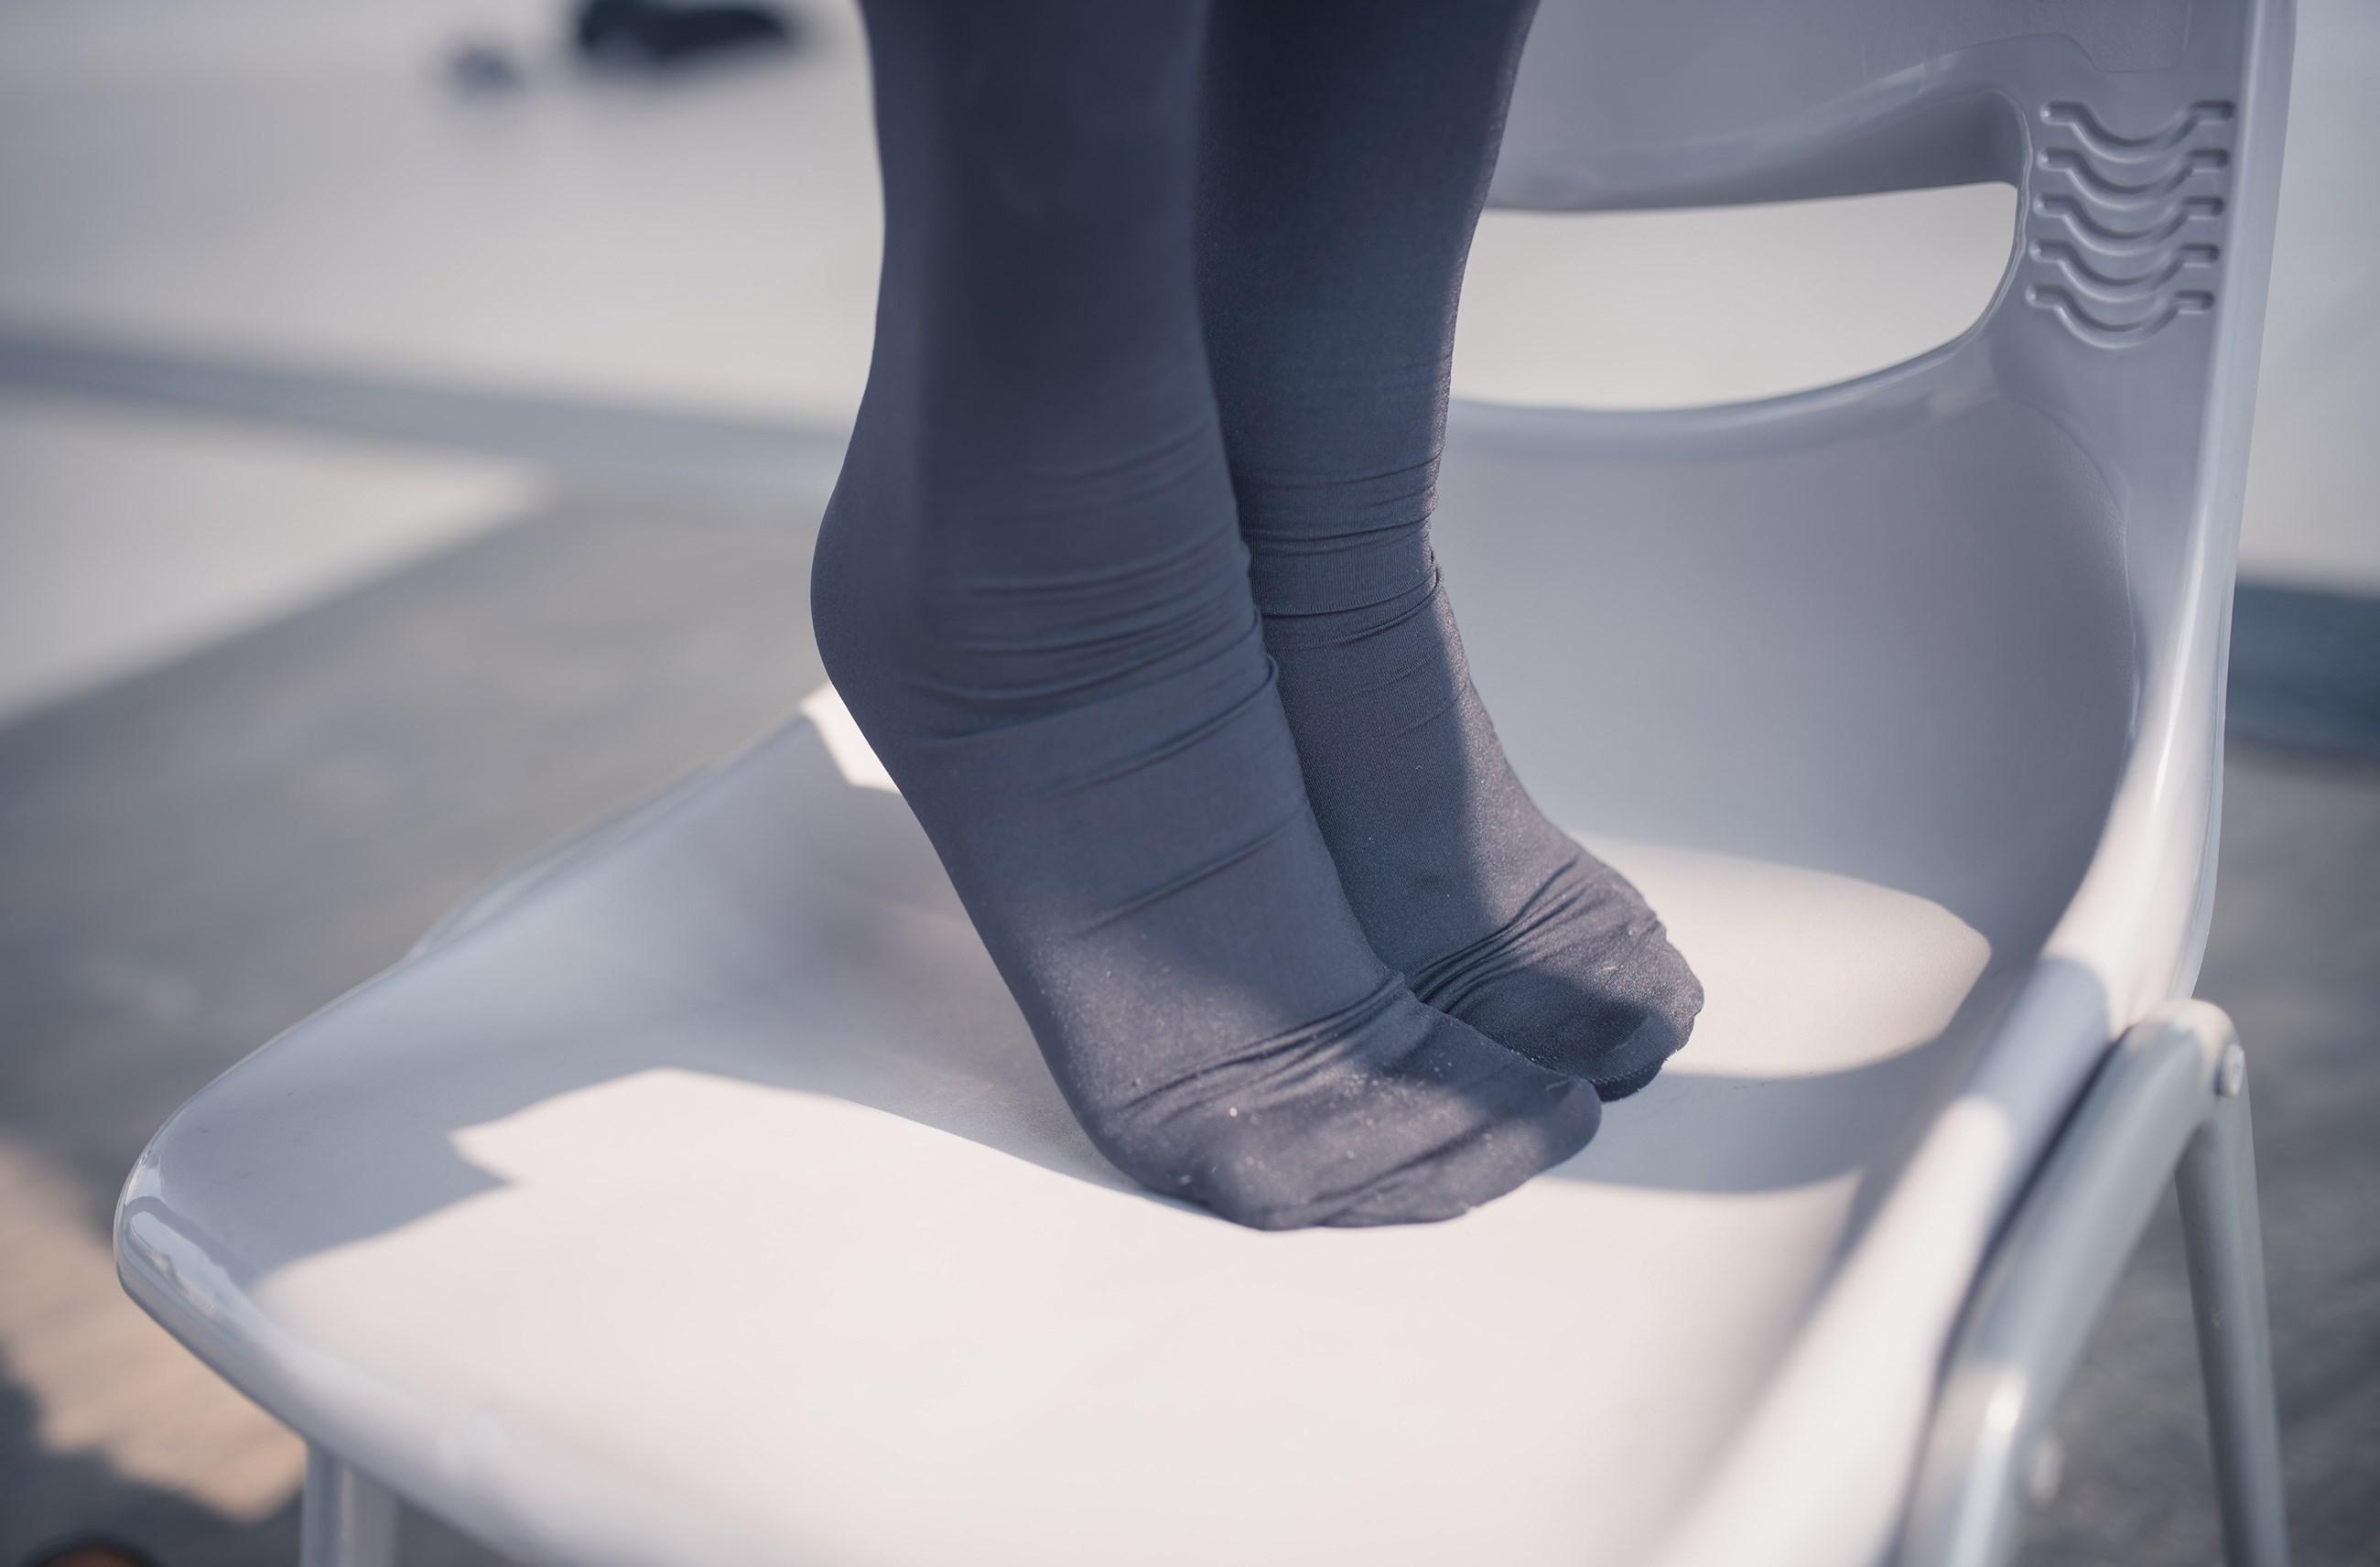 【兔玩映画】黑丝过膝袜 兔玩映画 第15张